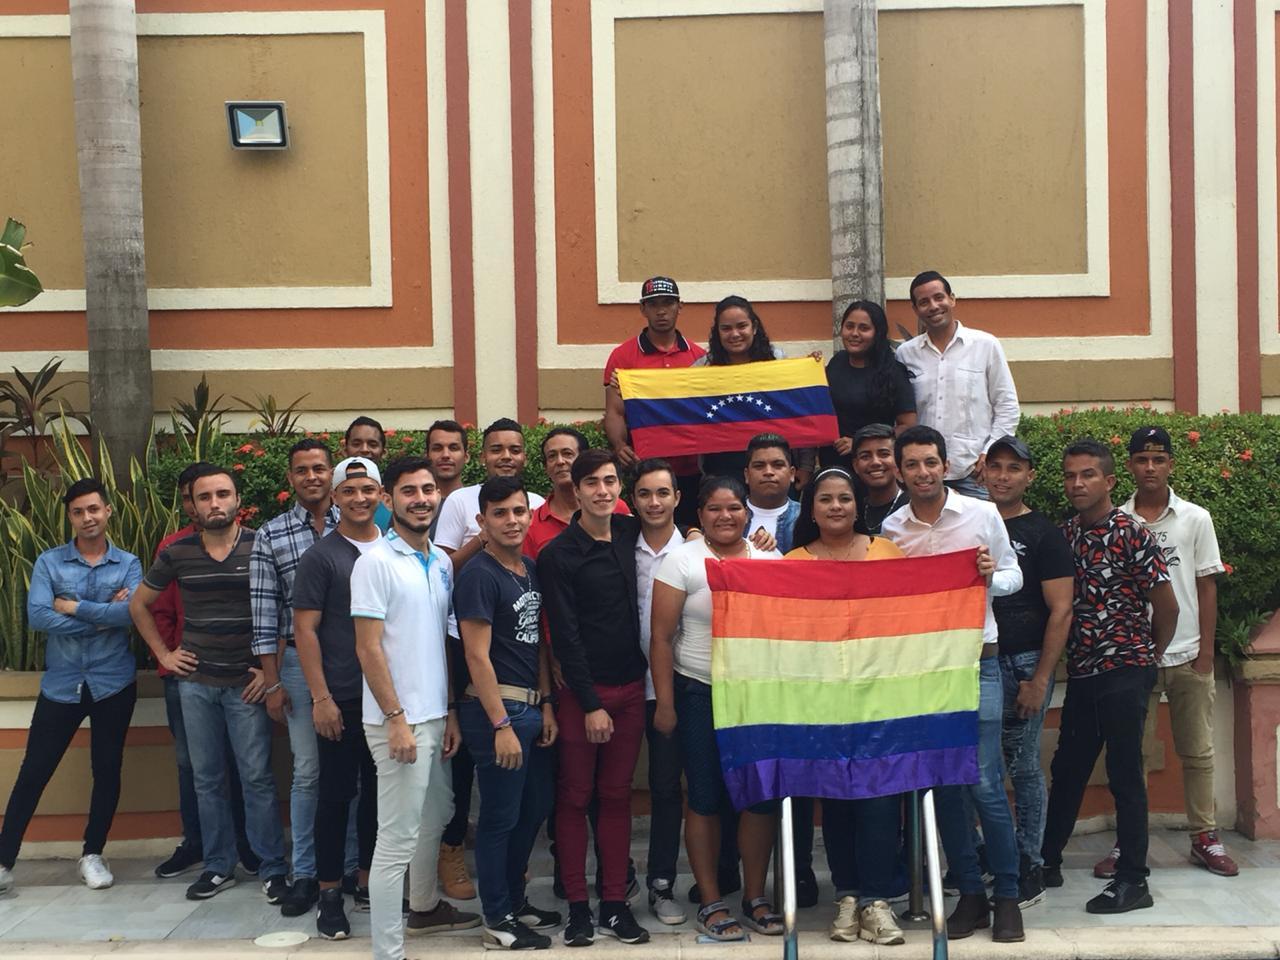 Crisis humanitaria de venezolanos LGBT en el Caribe